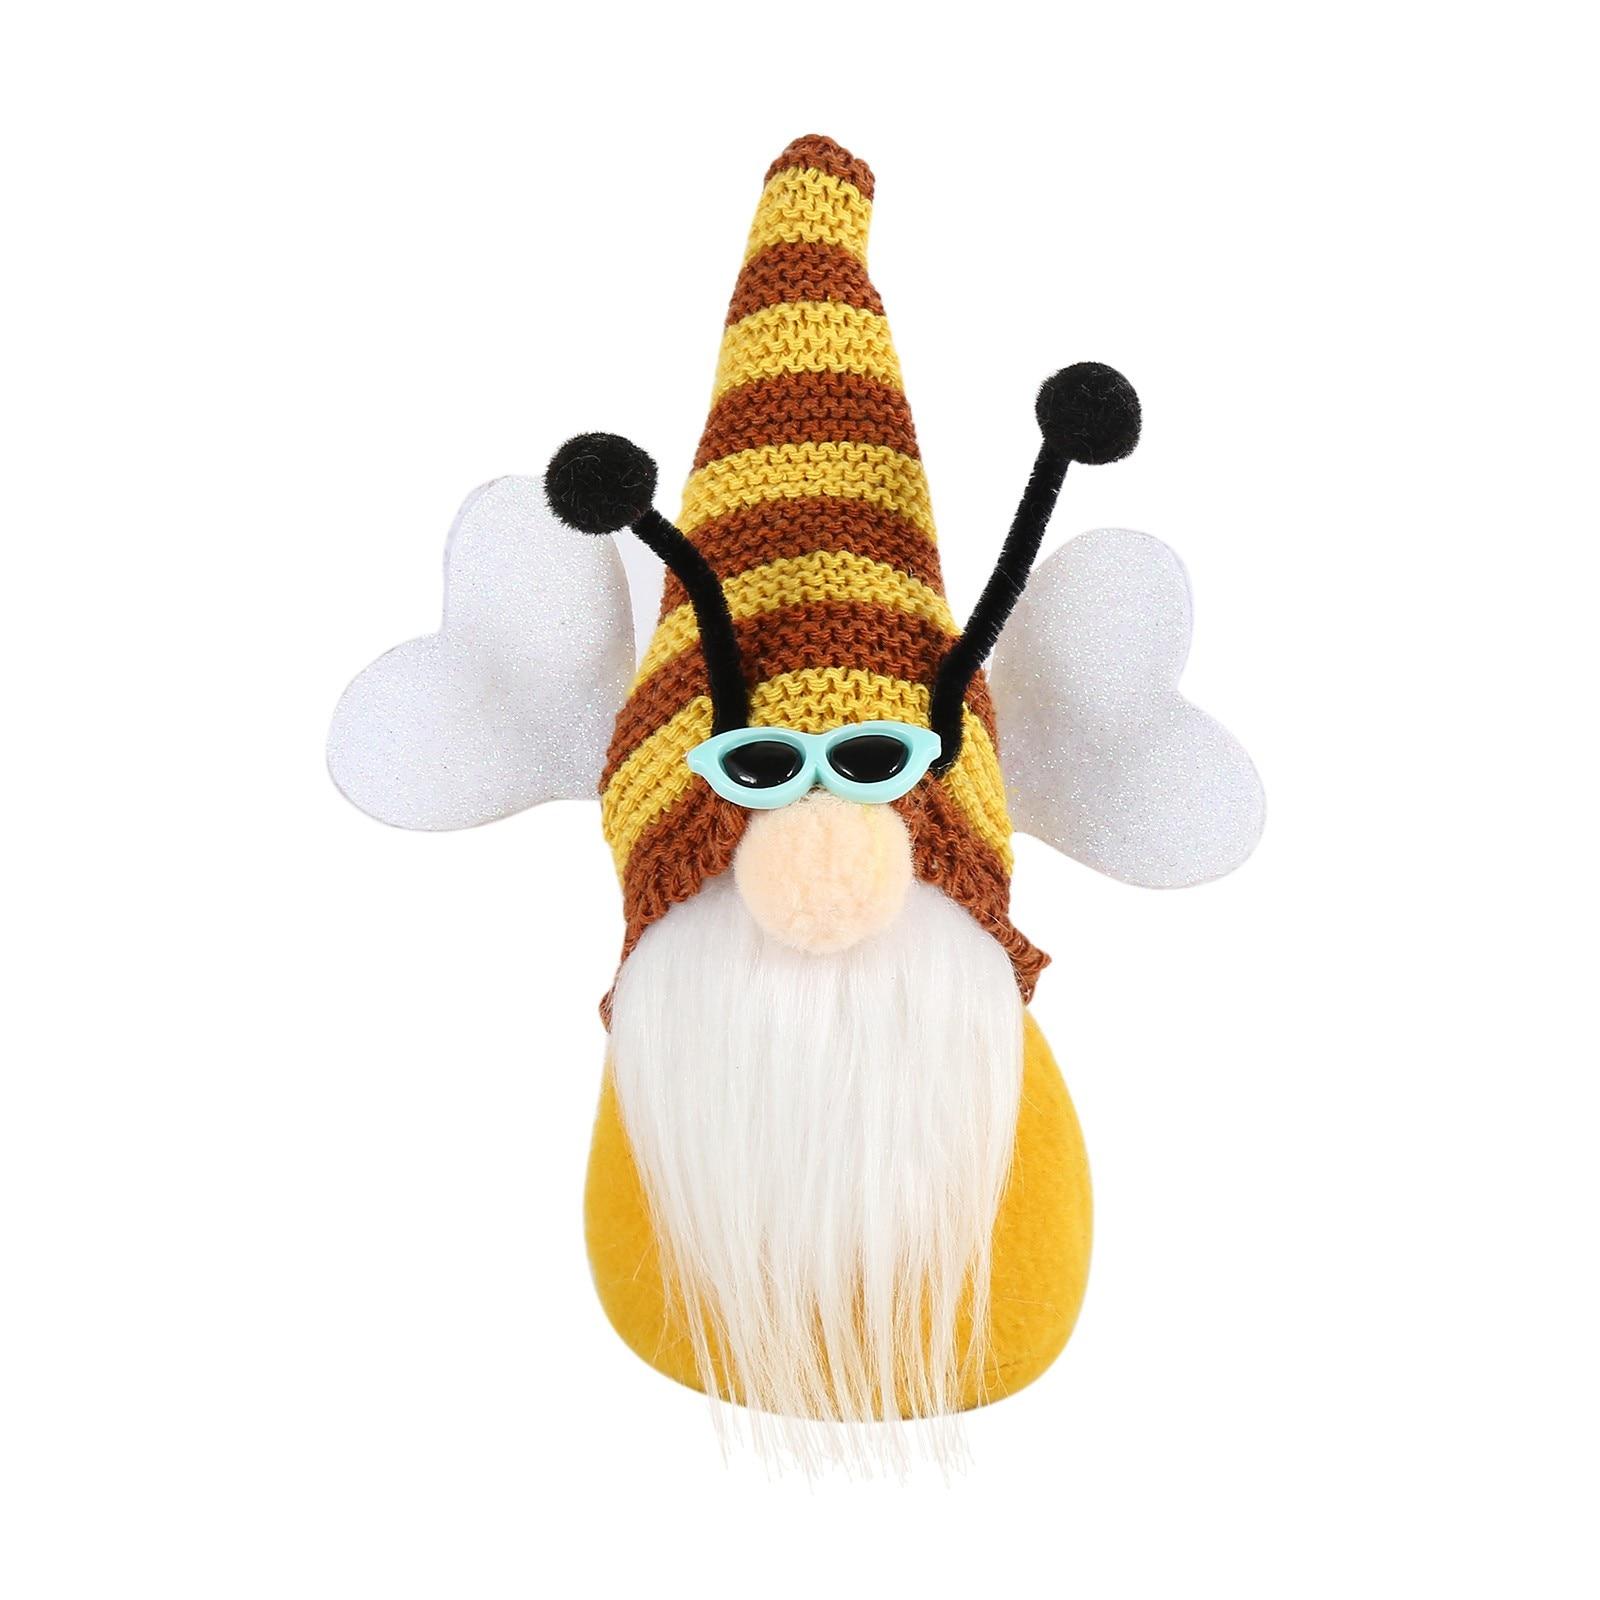 Muñeco de felpa hecho a mano con diseño de abeja, muñeco sin...